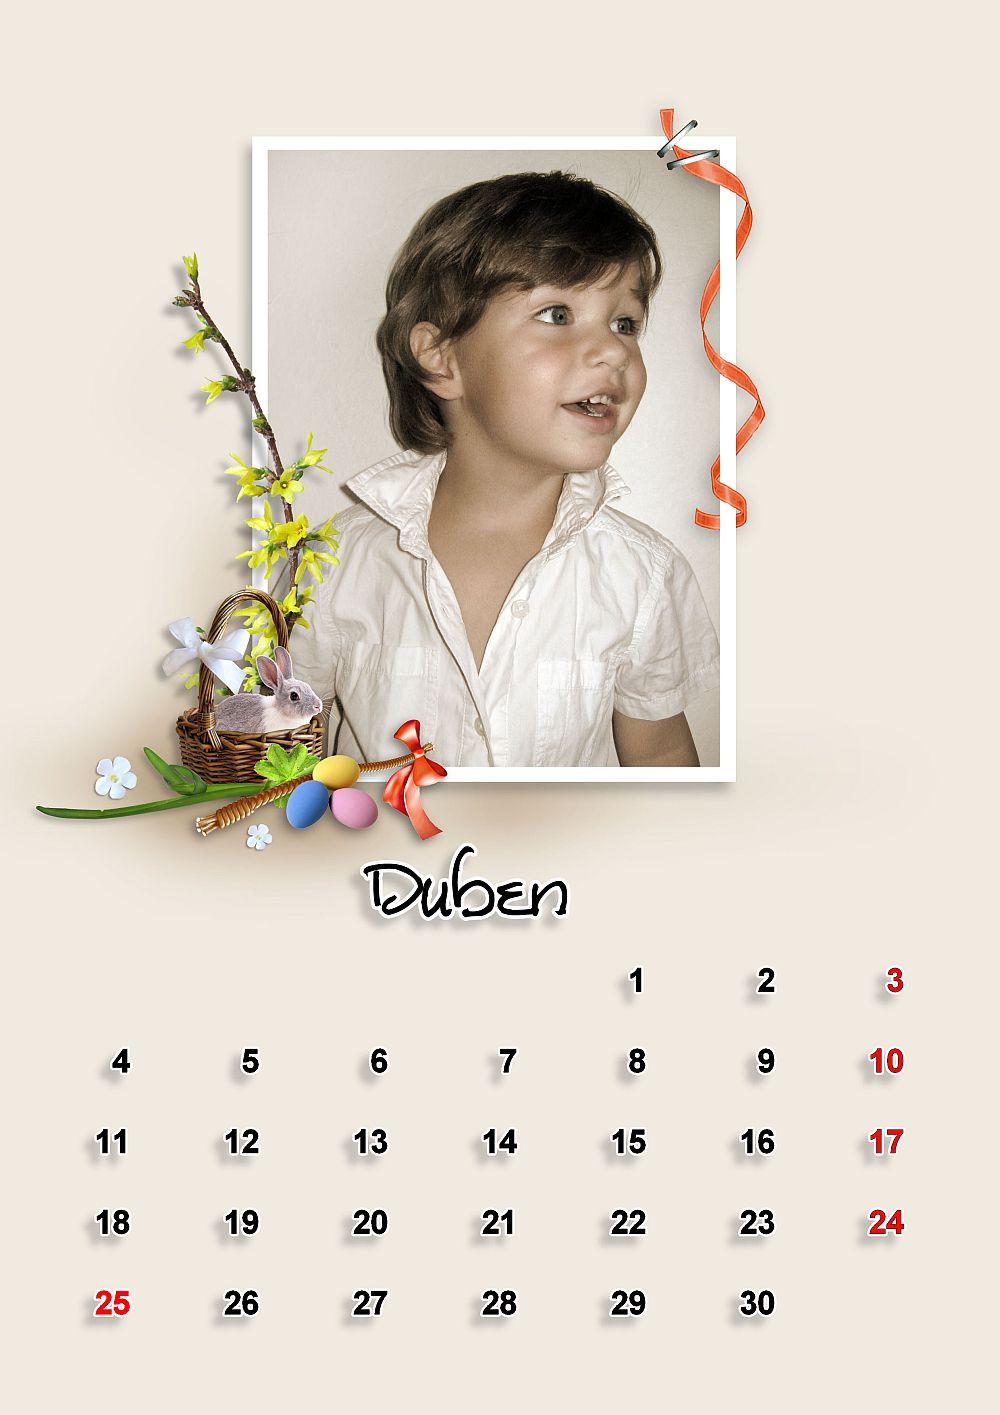 Qp šablony pro kalendář 2011 - a4